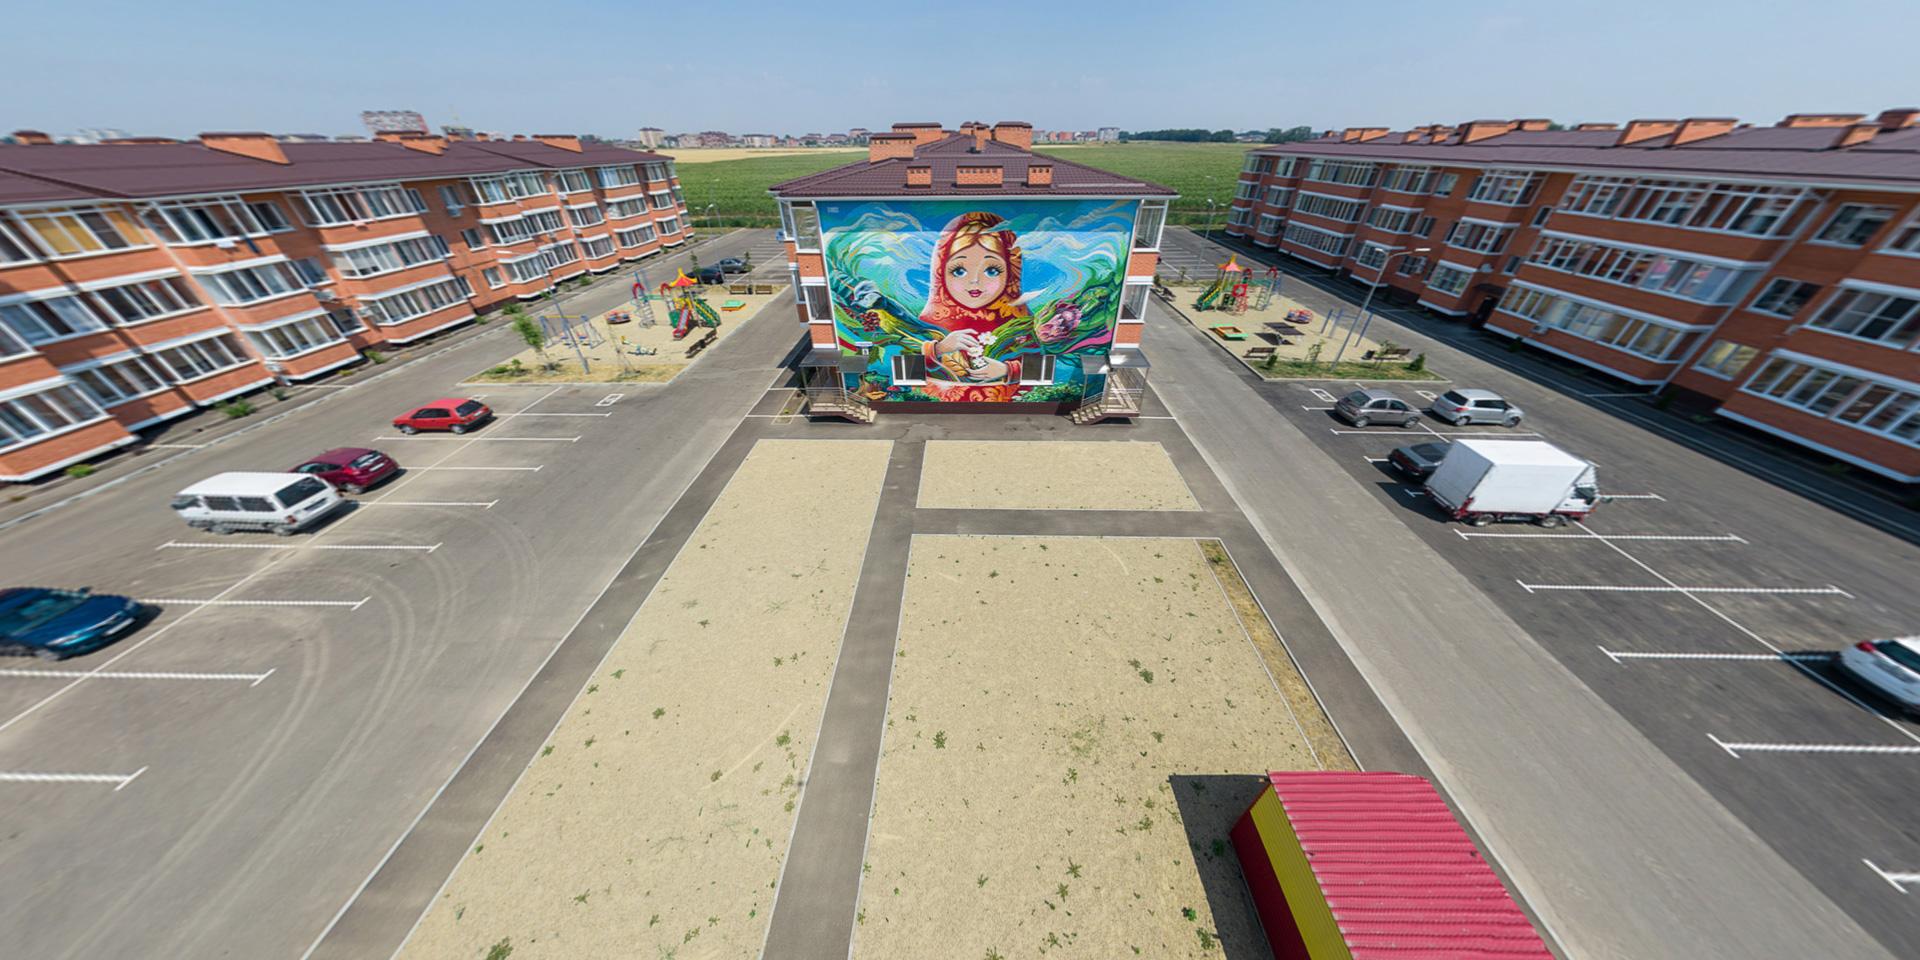 Виртуальный тур из трех 3D панорам для жилищного комплекса Матрешки г.Краснодар. Мы отвечали за сборку, цветокоррекцию, интерфейс и информационные метки, которые обозначают ключевые объекты общественного назначения. Съемку осуществлял заказчик собственными силами.